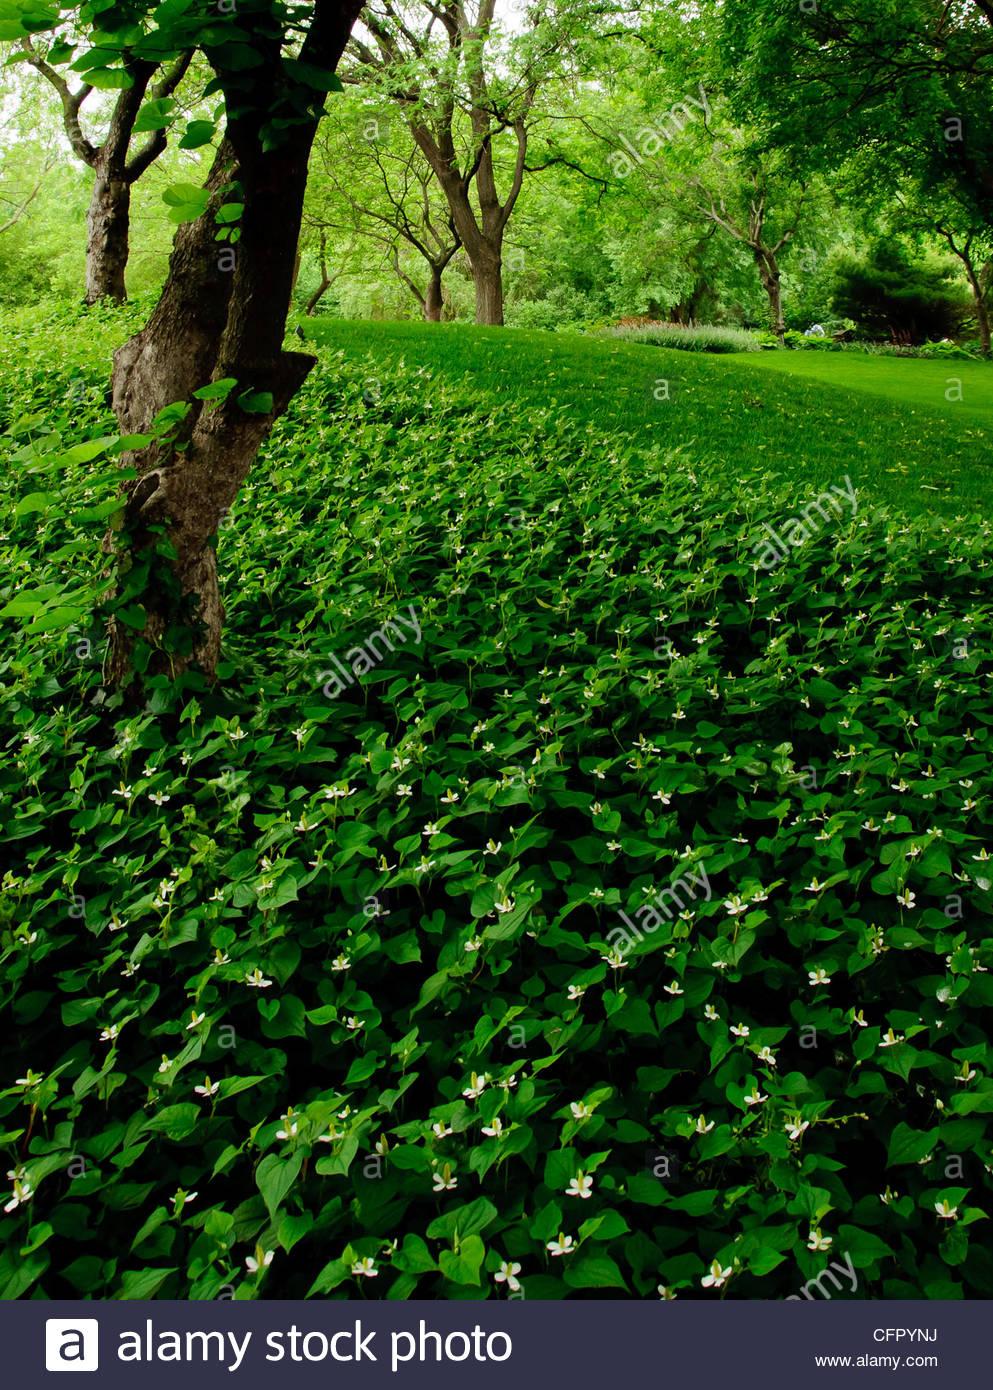 Bed Of Green, Wichita Botanica Gardens, Wichita, KS, May 28, 2011